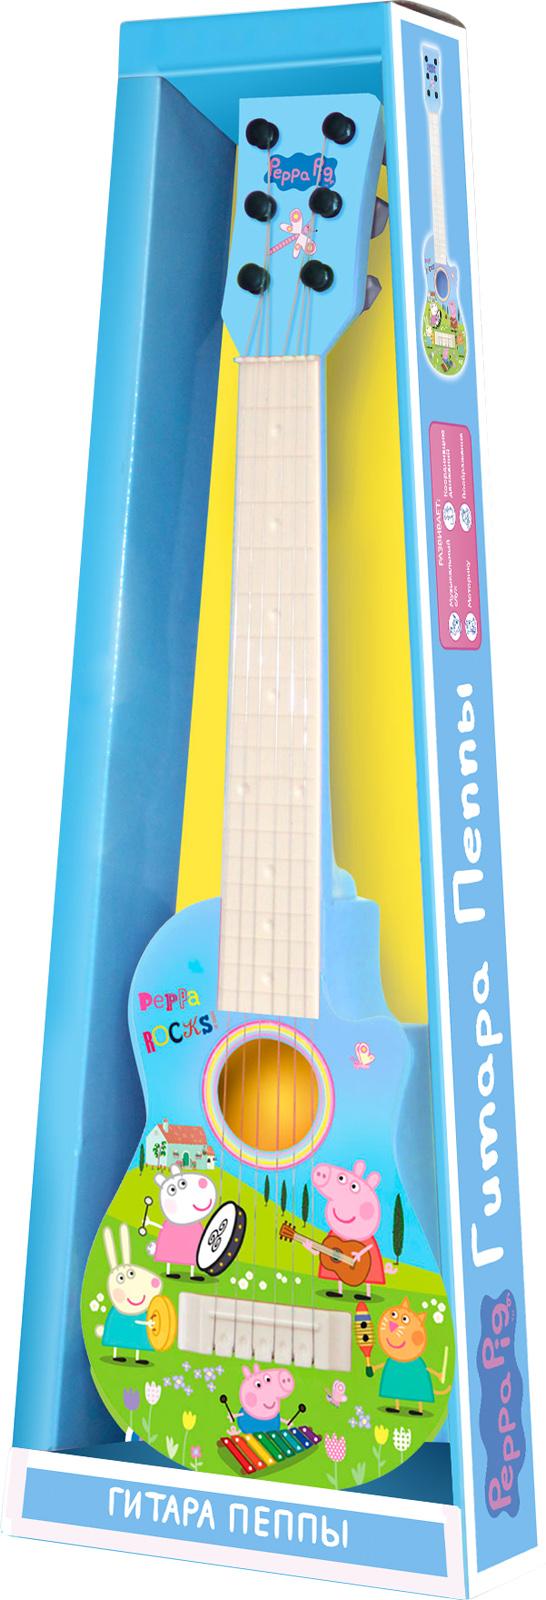 Гитара Свинки Пеппы, пластиковая, с медиатором - Гитары, артикул: 140848